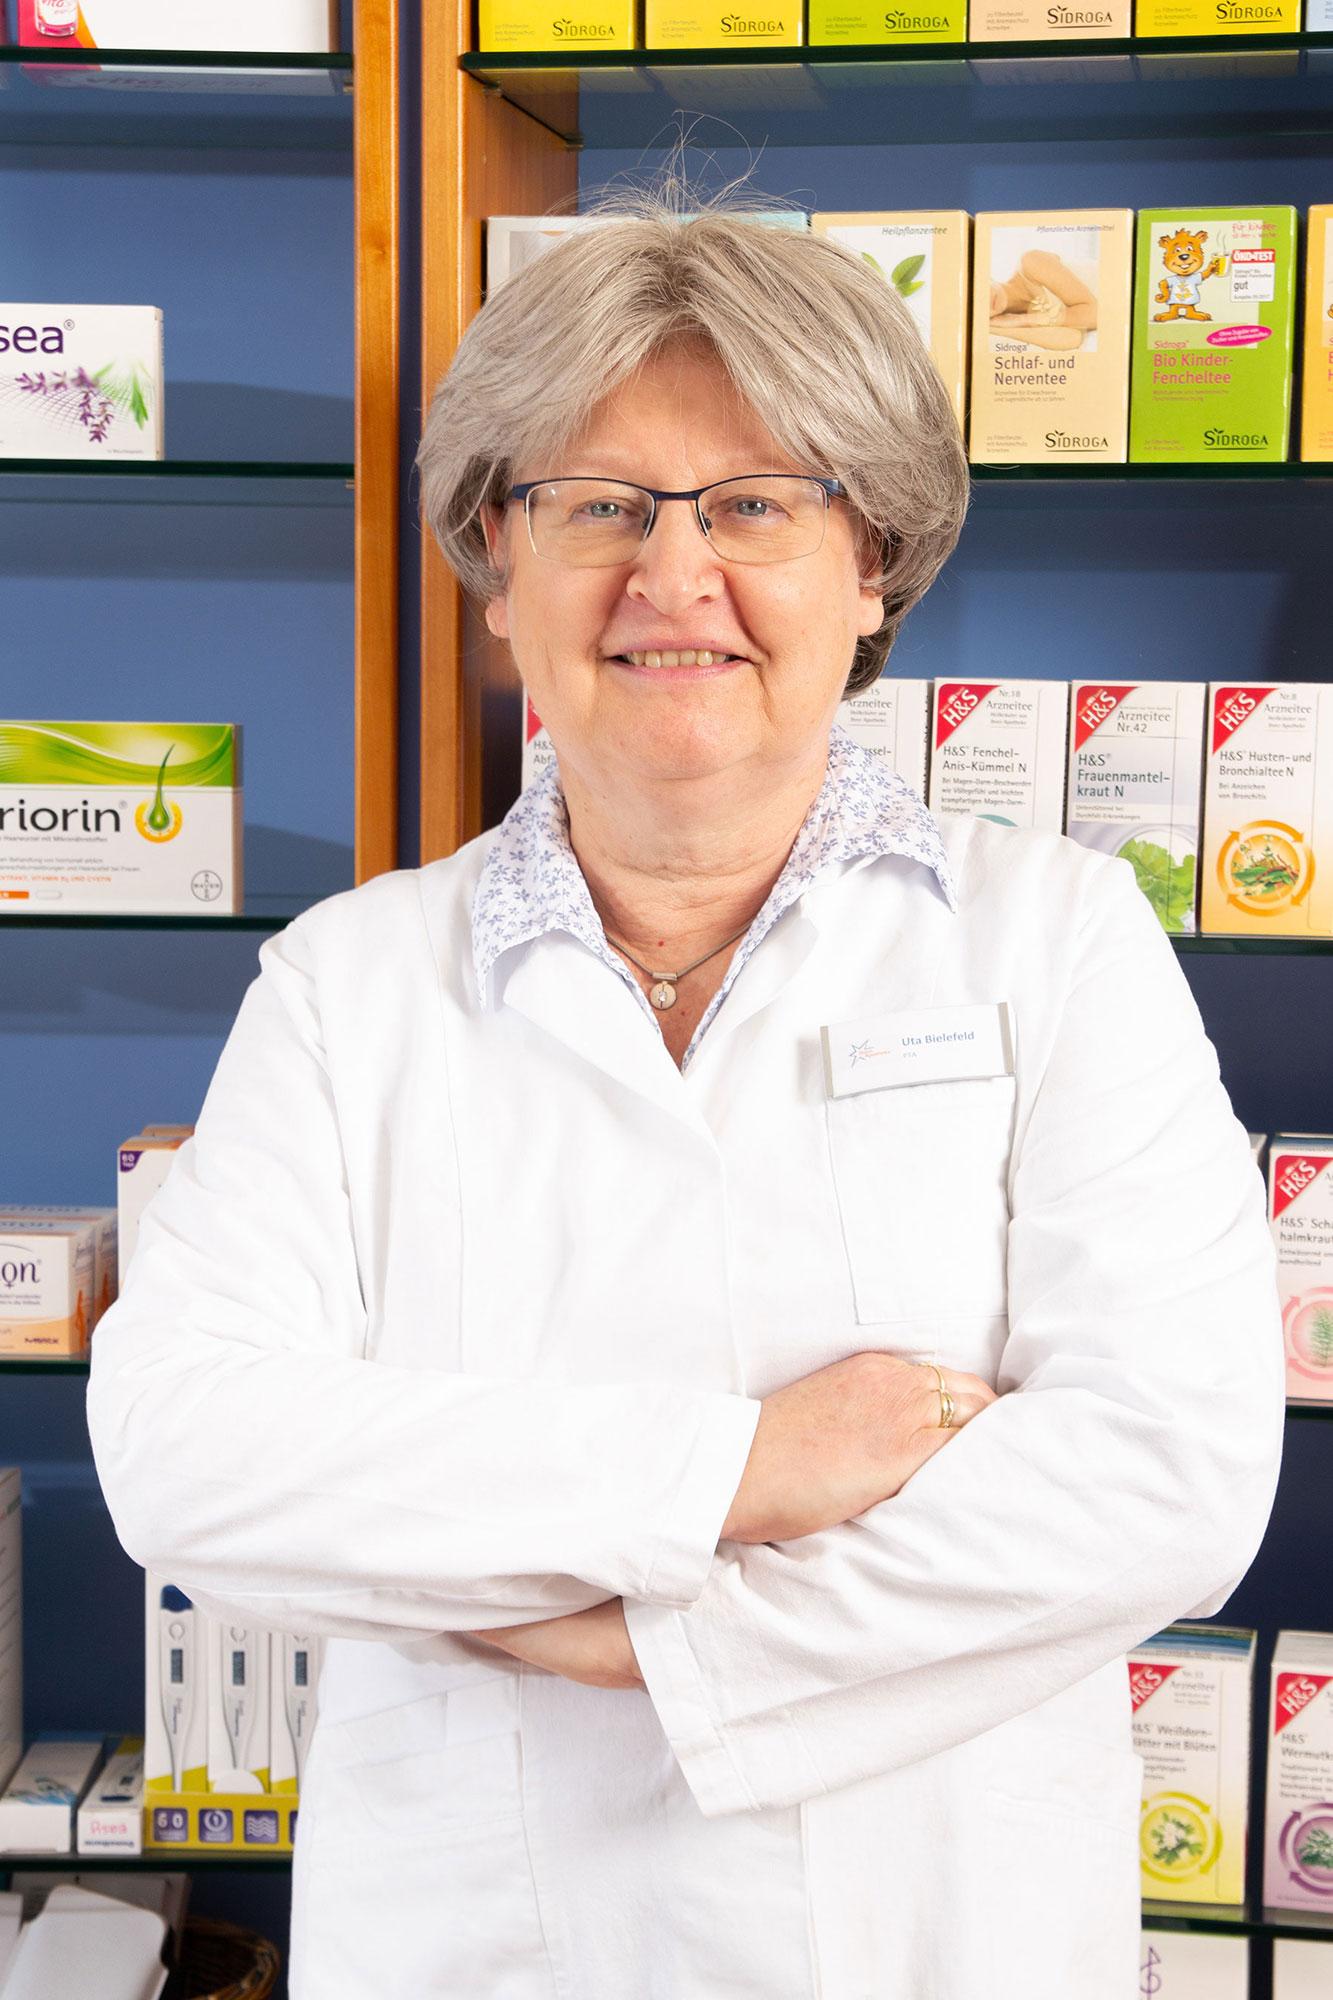 Stern-Apotheke Göttingen - Gut für Ihre Gesundheit. Apotheke in Göttingen